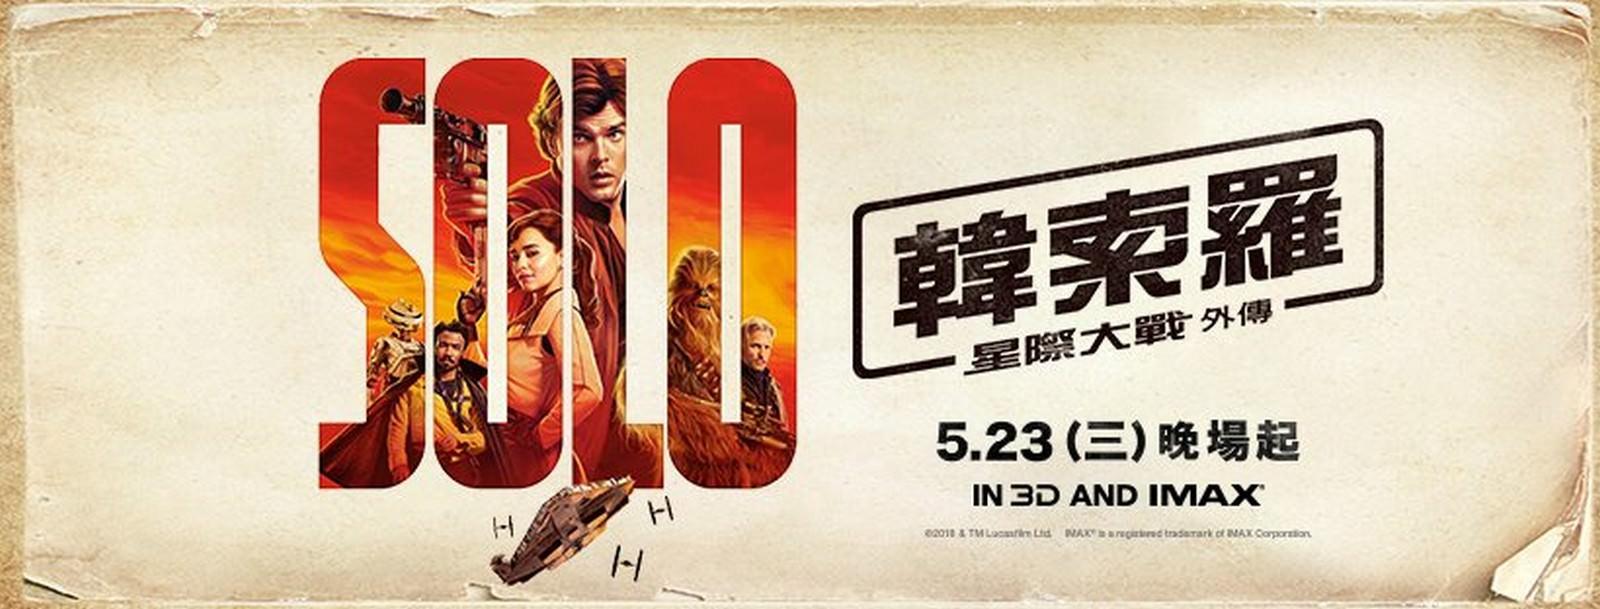 Movie, Solo: A Star Wars Story(美國) / 星際大戰外傳:韓索羅(台) / 游侠索罗:星球大战外传(中) / 韓索羅:星球大戰外傳(港), 電影海報, 台灣, 橫版